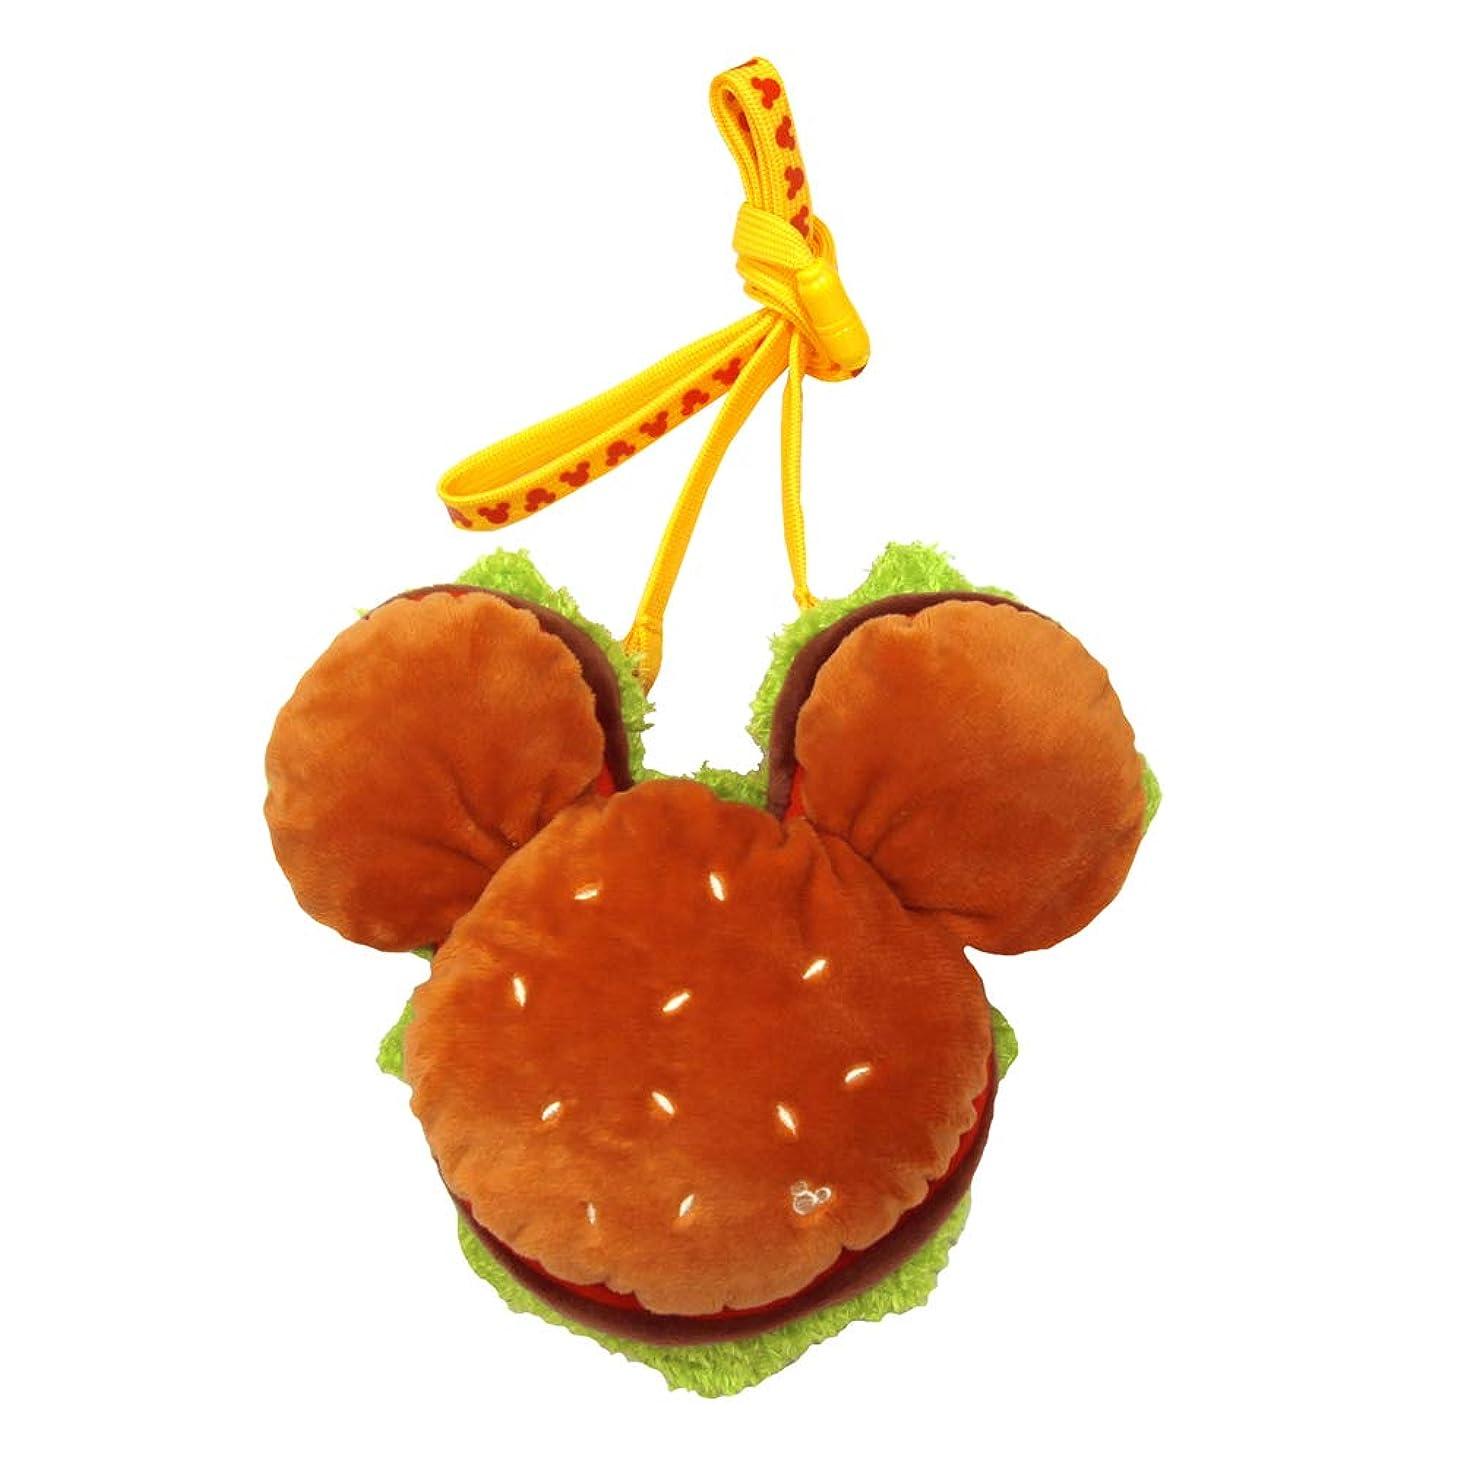 裁判所徹底的にキャンベラミッキーシェイプ ミッキー マウス ハンバーガー パスケース ネック コインケース 小銭入れ ポーチ ( 東京 ディズニー リゾート限定 )